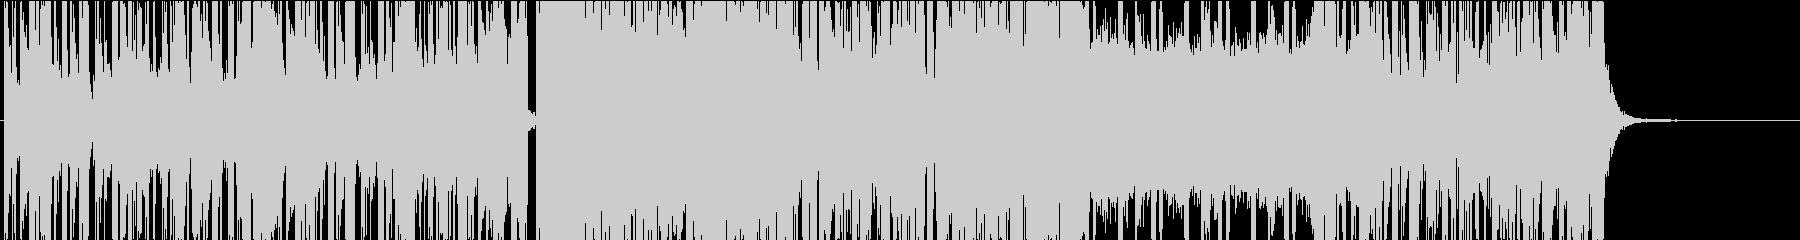 不気味さと重低音が気持ち良いシンセ曲の未再生の波形